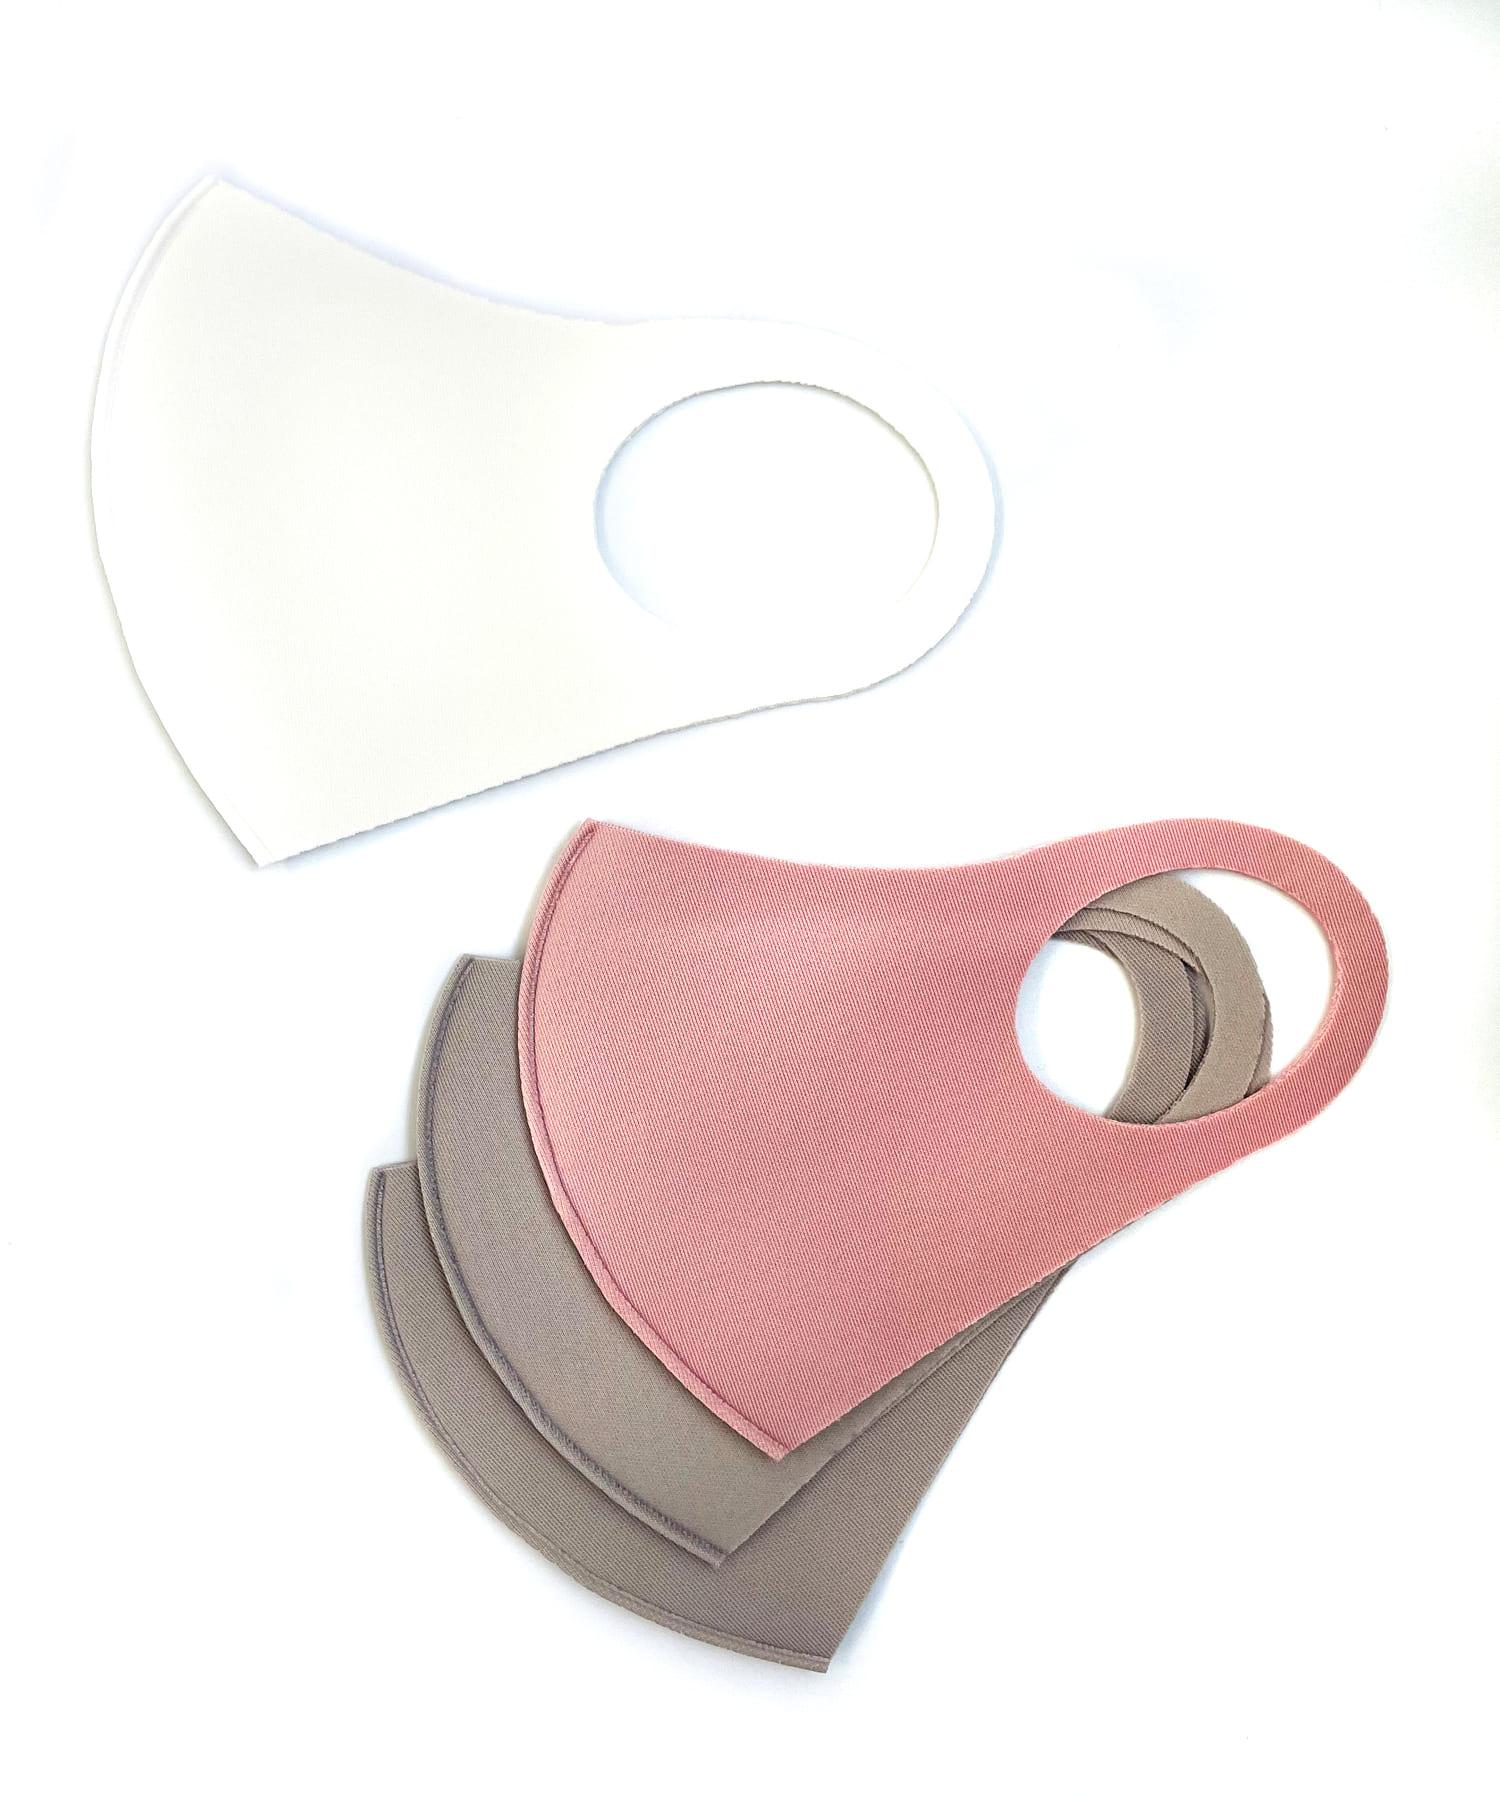 3COINS(スリーコインズ) ライフスタイル 【小さめサイズ】洗えるマスク4枚入 その他